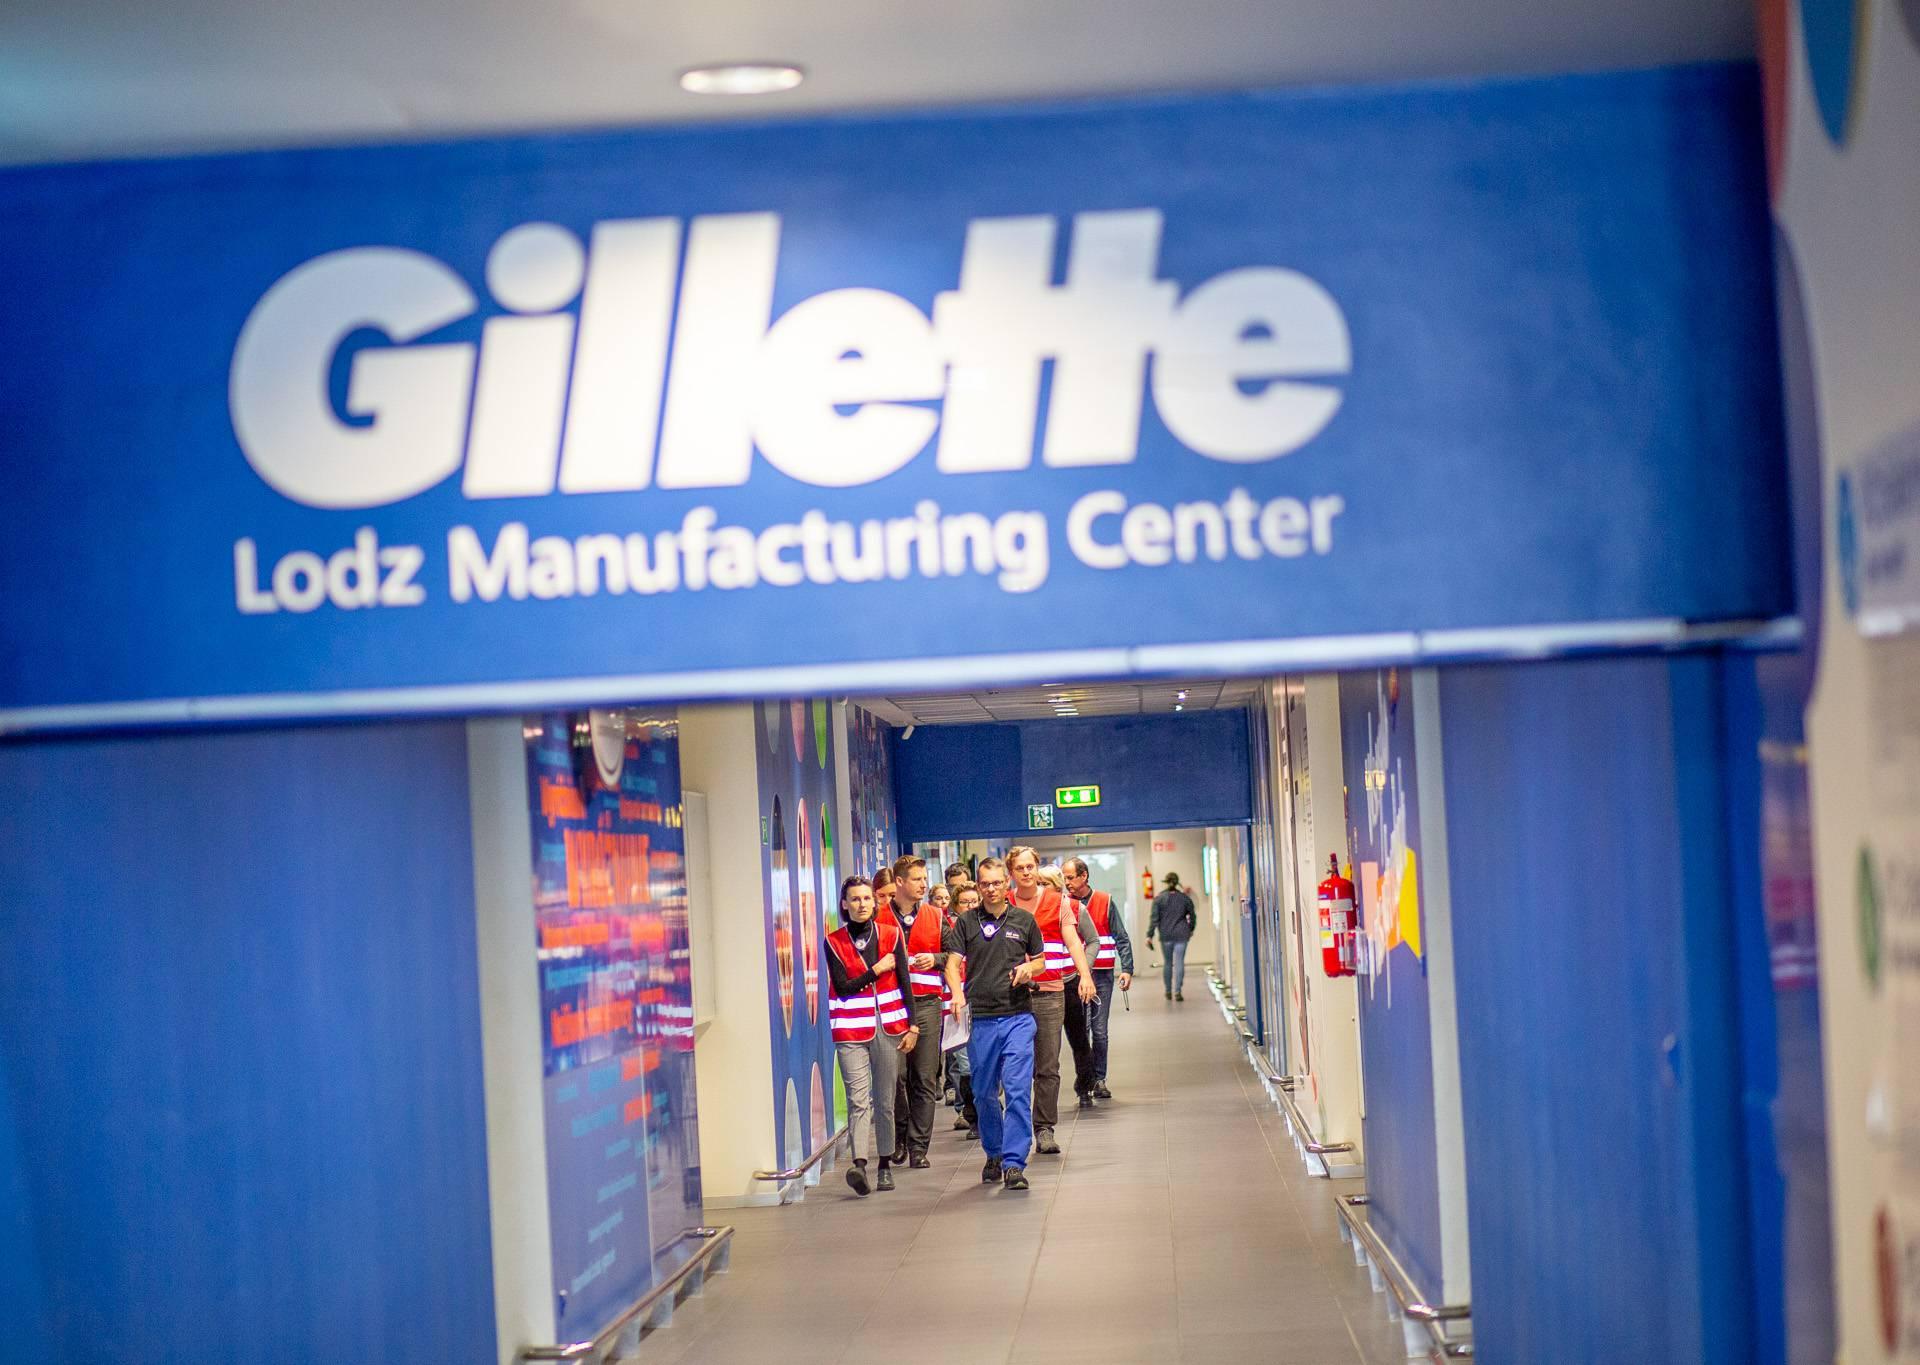 Ovdje rade milijarde britvica: Tvornica velika kao 27 igrališta